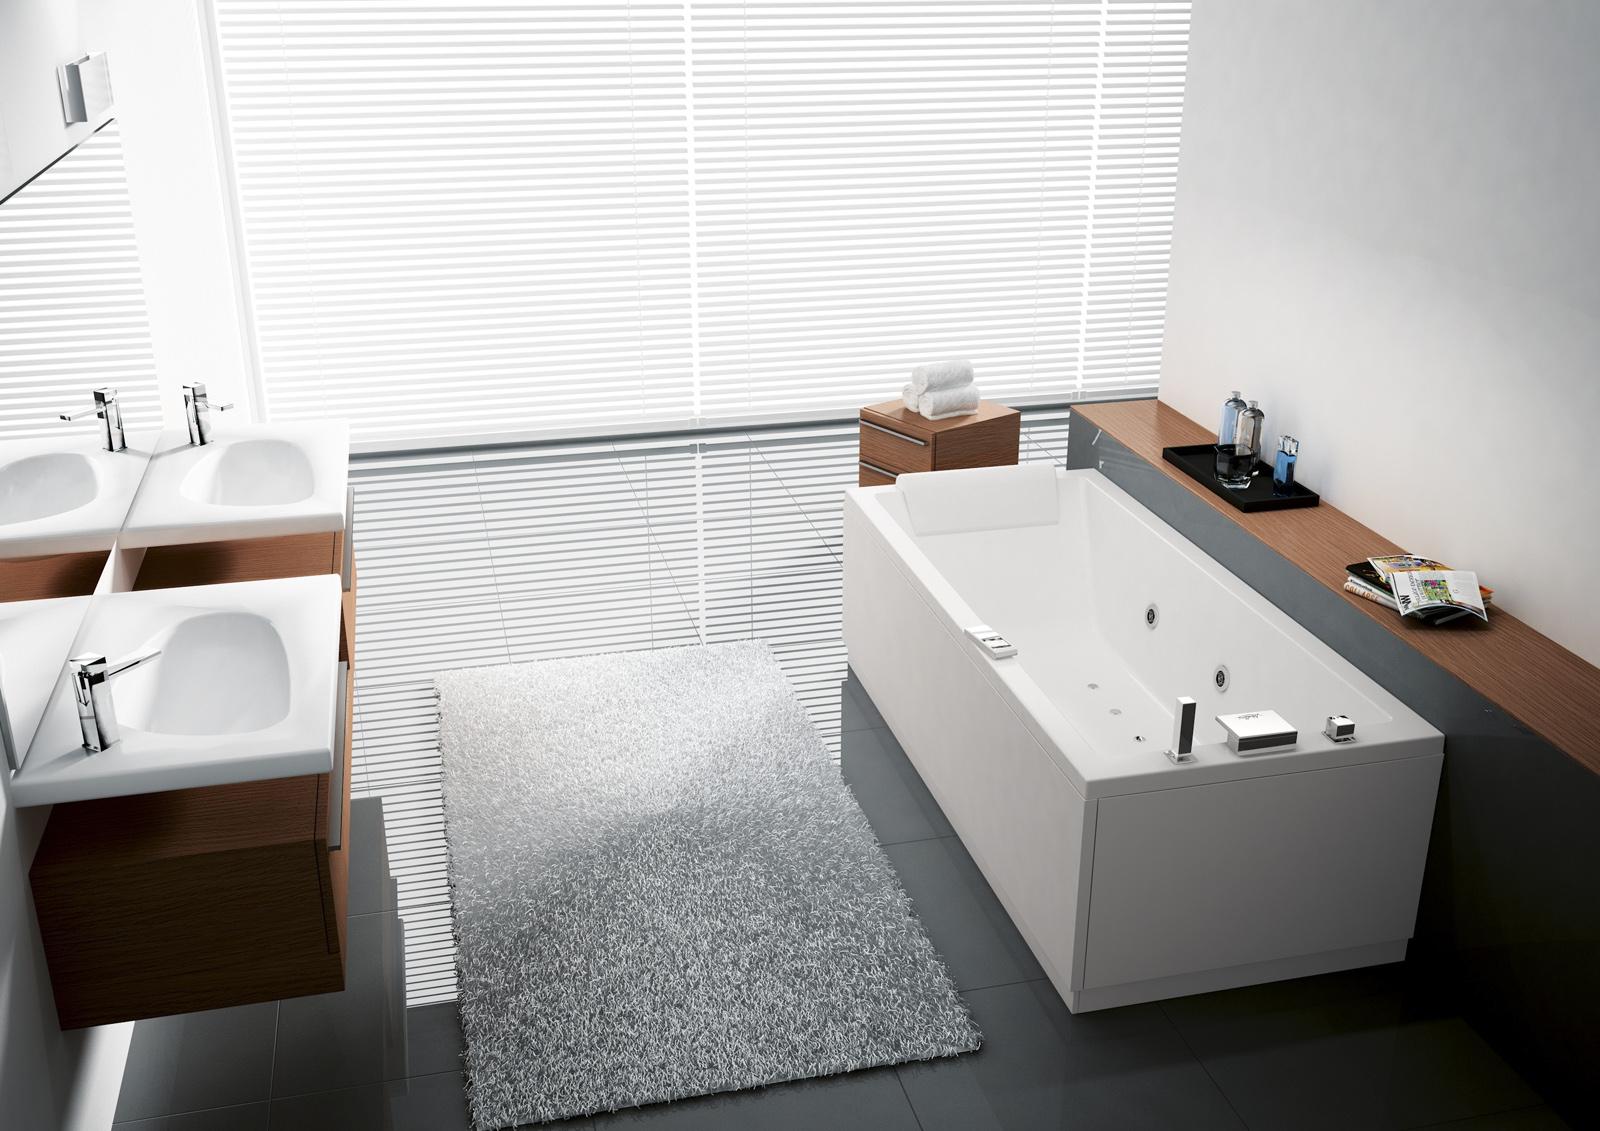 Vasca Da Bagno Glass Lis : Carino vasca doccia idromassaggio combinata glass lis